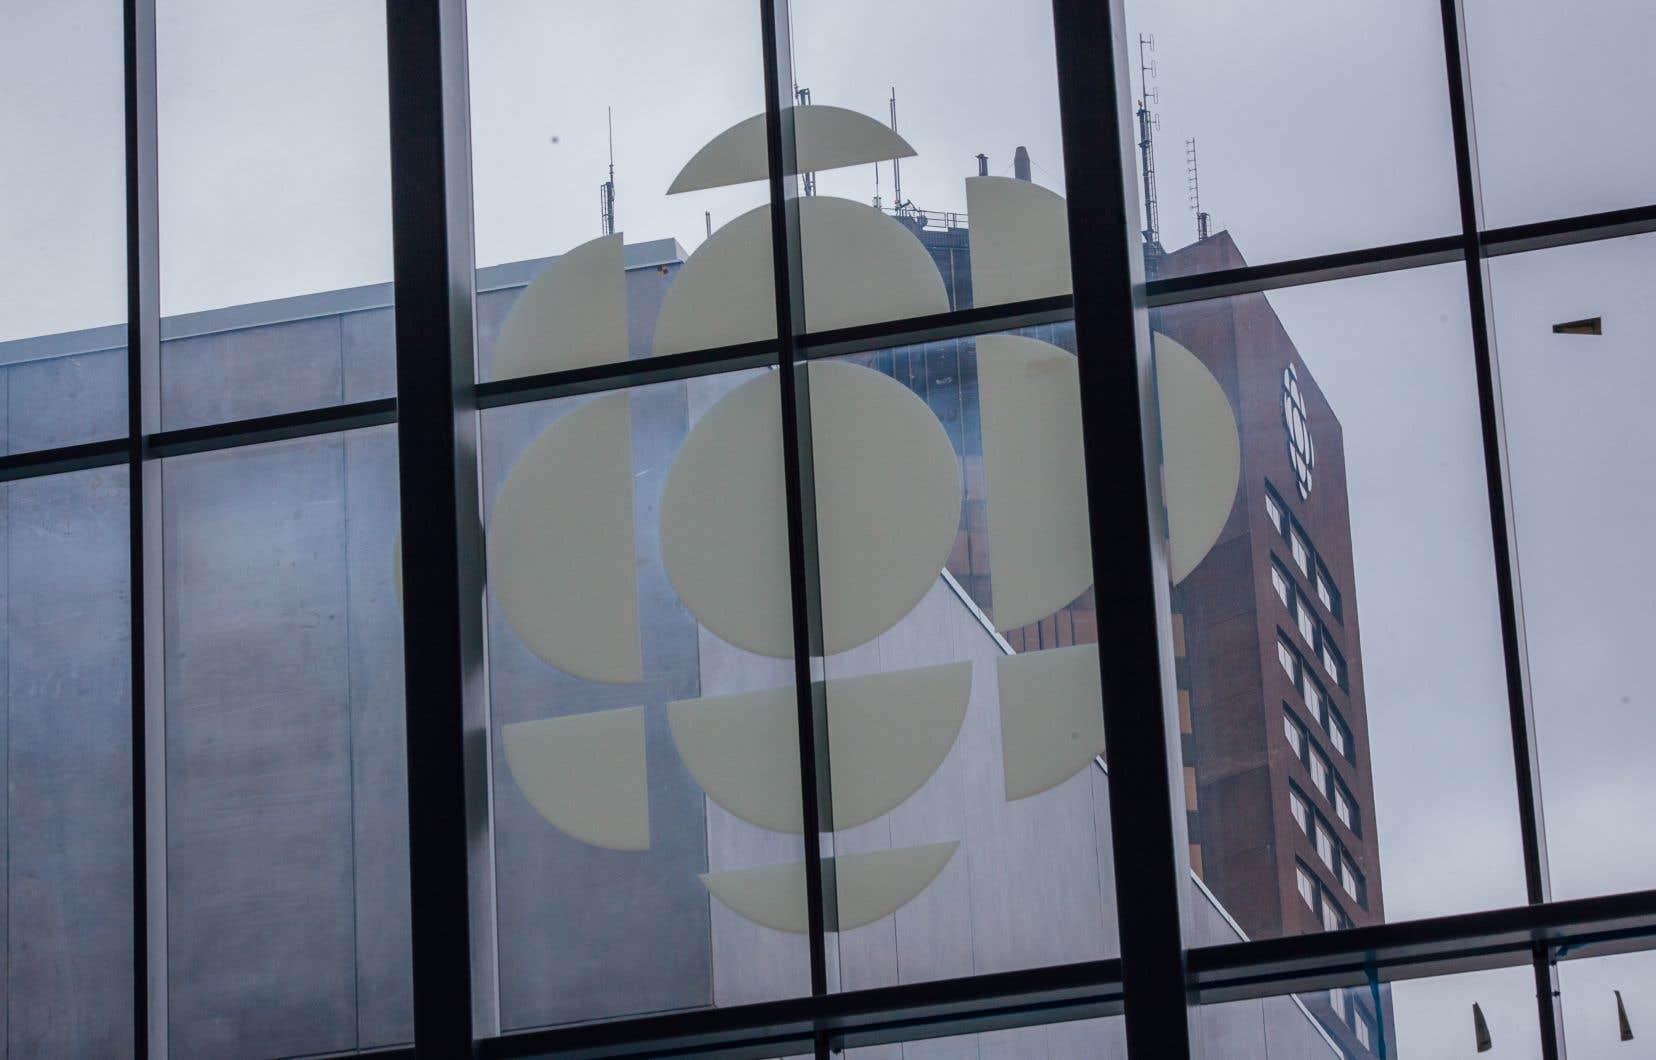 La grande patronne de CBC/Radio-Canada, Catherine Tait, comparaissait virtuellement lundi devant cinq commissaires du CRTC dans le cadre des premières audiences sur le renouvellement des licences du diffuseur public en près de neufans.